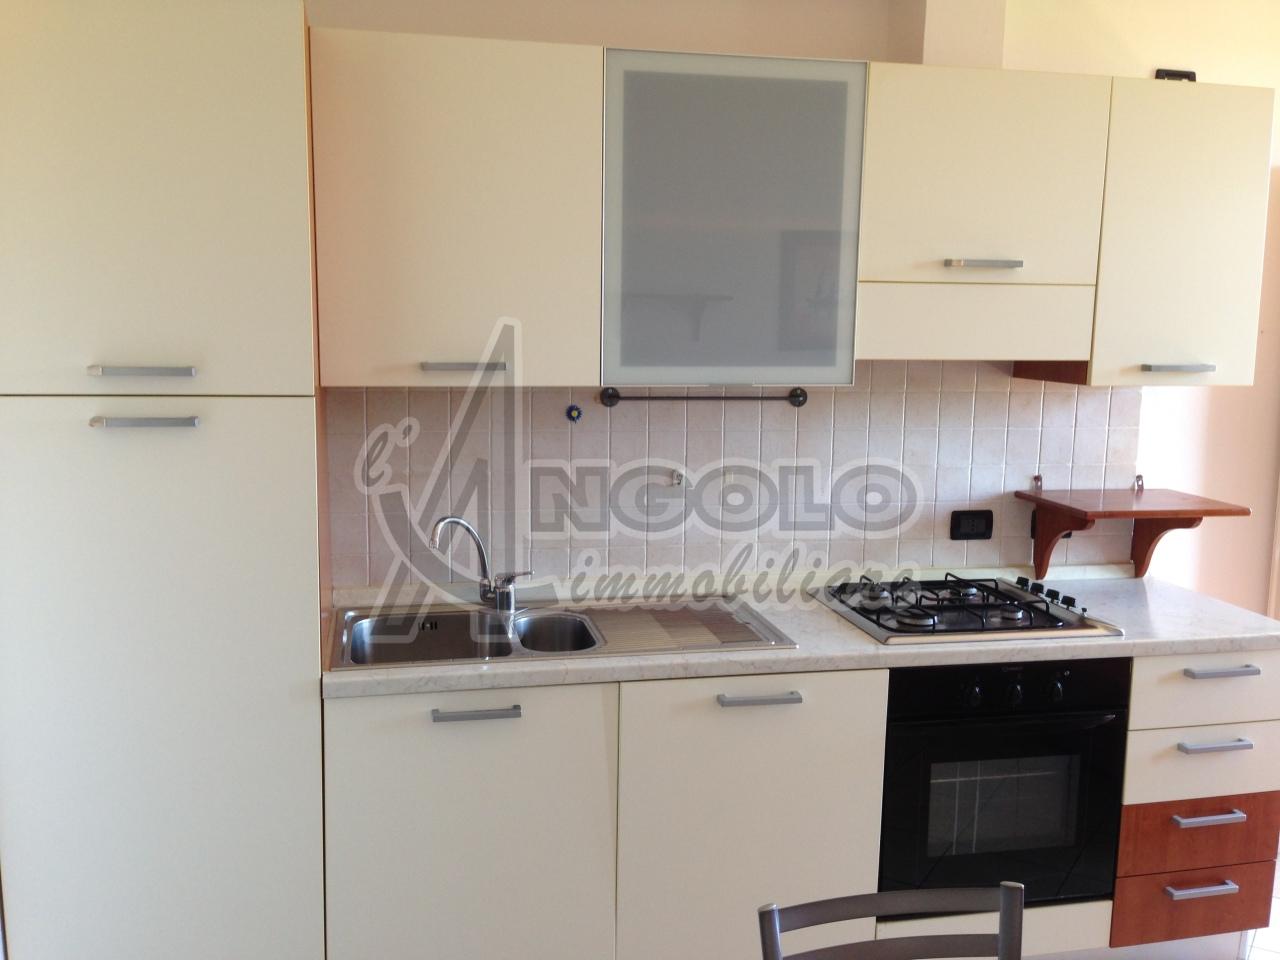 Appartamento in vendita a Polesella, 3 locali, prezzo € 47.000 | Cambio Casa.it